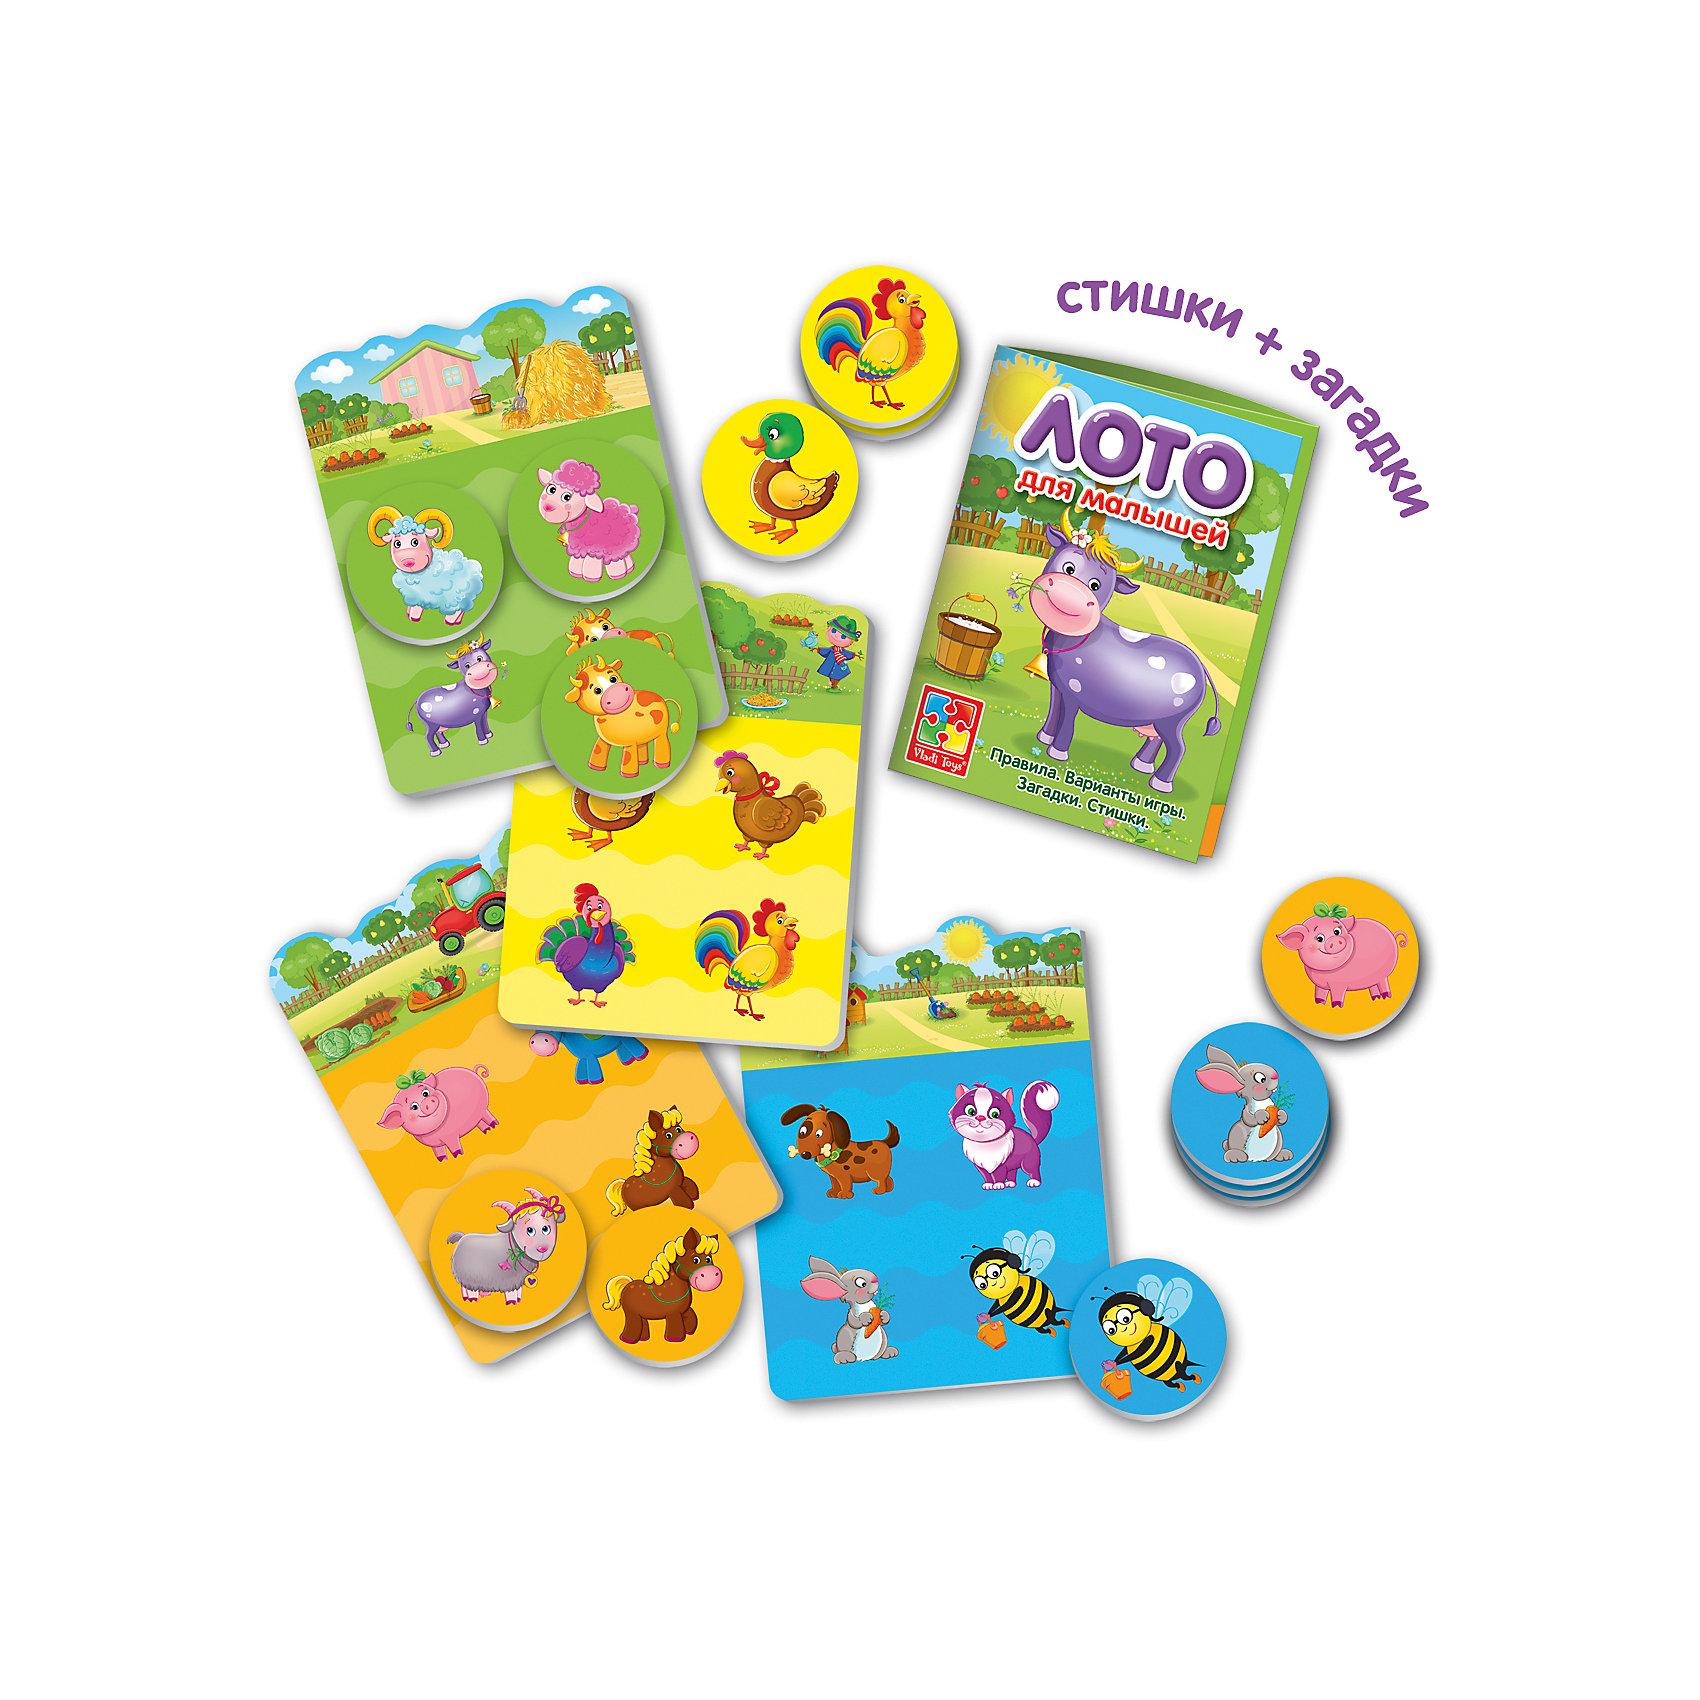 Настольная игра Ферма Лото , Vladi ToysНастольные игры<br>Характеристики:<br><br>• Вид игр: обучающие, развивающие<br>• Серия: настольные игры<br>• Количество игроков: до 4-х человек<br>• Пол: универсальный<br>• Материал: картон<br>• Цвет: зеленый, коричневый, синий, желтый и др.<br>• Комплектация: 4 игровых поля, 16 игровых фишек и инструкция с правилами игры<br>• Размеры упаковки (Д*Ш*В): 18*5*20,5 см<br>• Тип упаковки: картонная коробка<br>• Вес в упаковке: 252 г<br><br>Настольная игра Ферма Лото, Vladi Toys, производителем которых является компания, специализирующаяся на выпуске развивающих игр, давно уже стали популярными среди аналогичной продукции. Развивающие настольные игры являются эффективным способом развития и обучения ребенка. При производстве настольных игр от Vladi Toys используются только экологически безопасные материалы, которые не вызывают аллергии и не имеют запаха. Набор состоит из игровых полей и фишек с изображением персонажей и фермерской атрибутики. Все игровые элементы набора отличаются яркостью красок и наглядностью. <br>Настольная игра Ферма Лото, Vladi Toys позволит организовать веселый и полезный досуг вашего ребенка, научит внимательности и логическому мышлению, а также будет способствовать развитию памяти.<br><br>Настольную игру Ферма Лото, Vladi Toys можно купить в нашем интернет-магазине.<br><br>Ширина мм: 180<br>Глубина мм: 50<br>Высота мм: 205<br>Вес г: 252<br>Возраст от месяцев: 24<br>Возраст до месяцев: 84<br>Пол: Унисекс<br>Возраст: Детский<br>SKU: 5136130